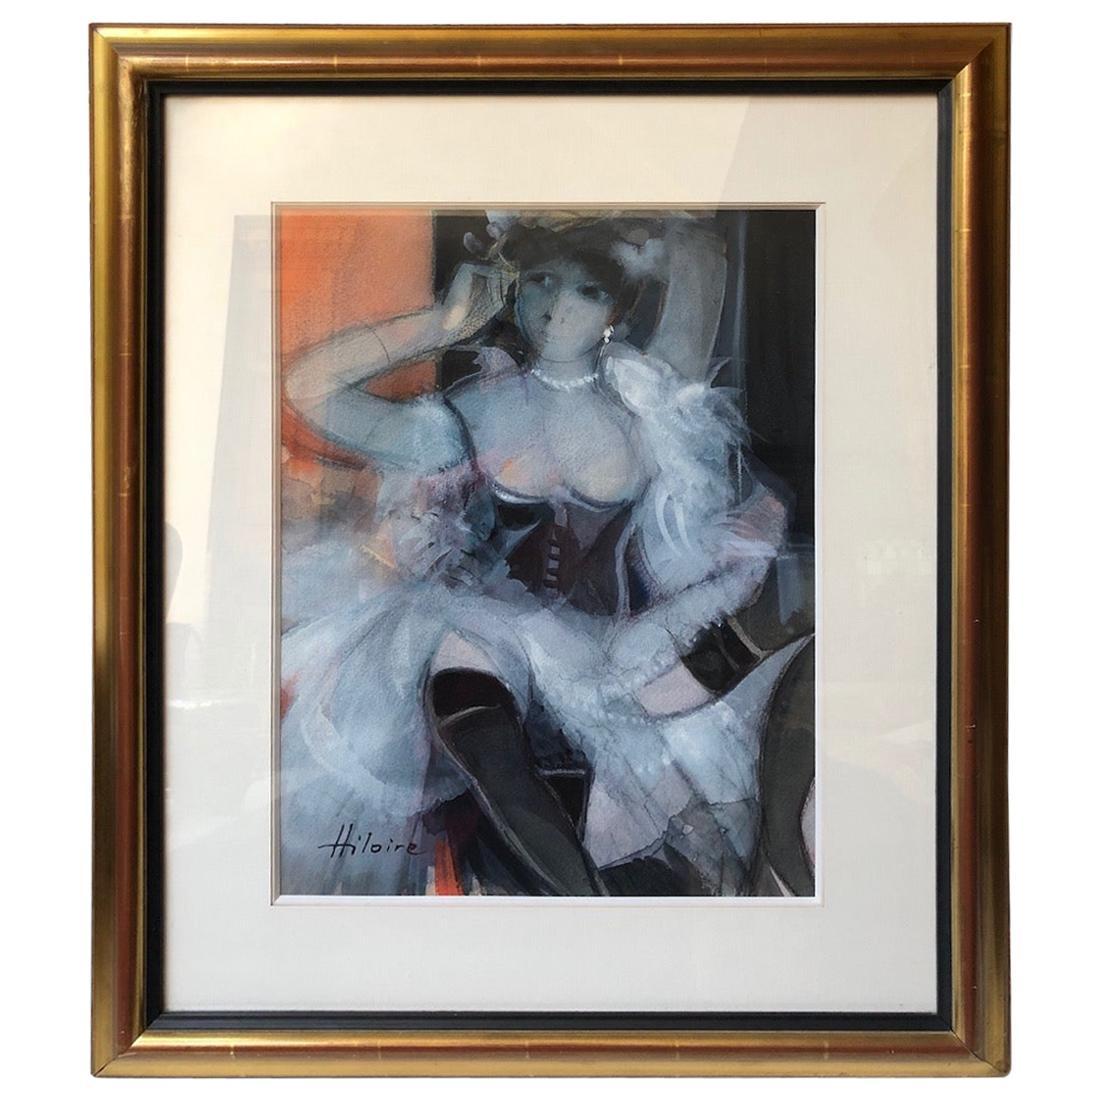 Camille Hilaire, 'La Belle Otero' Watercolor Painting